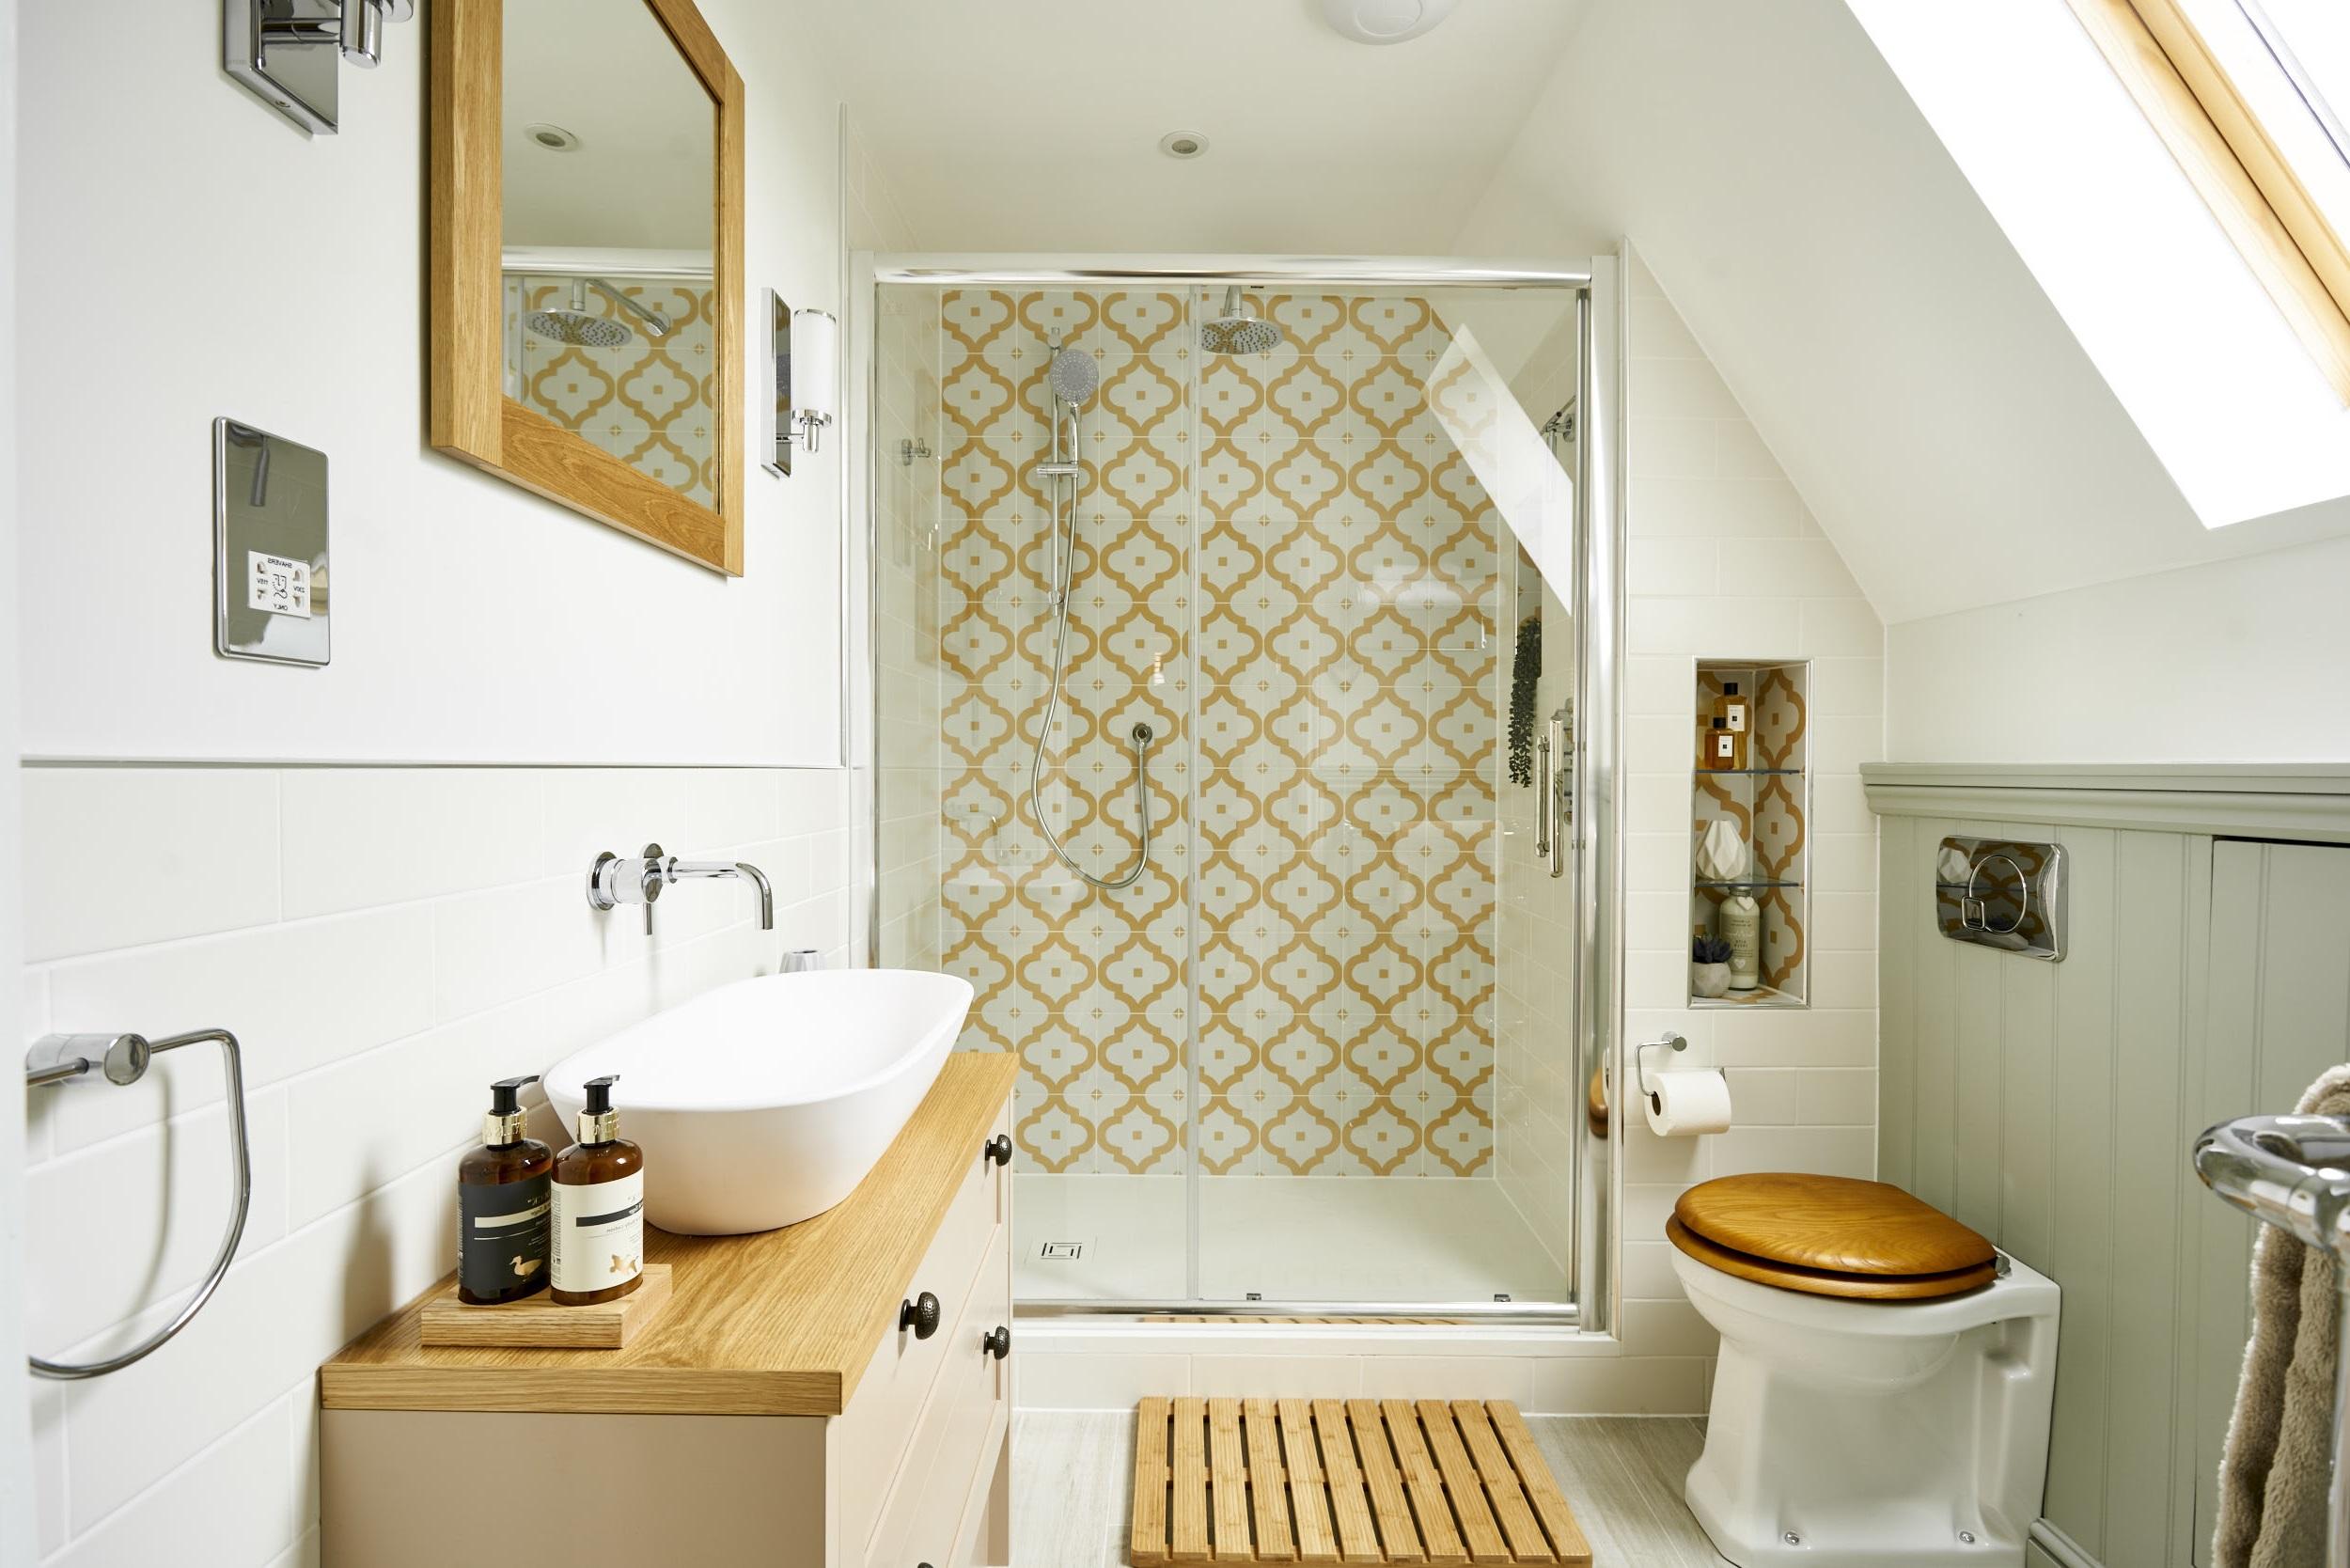 Salle de bains avec des éléments en bois.